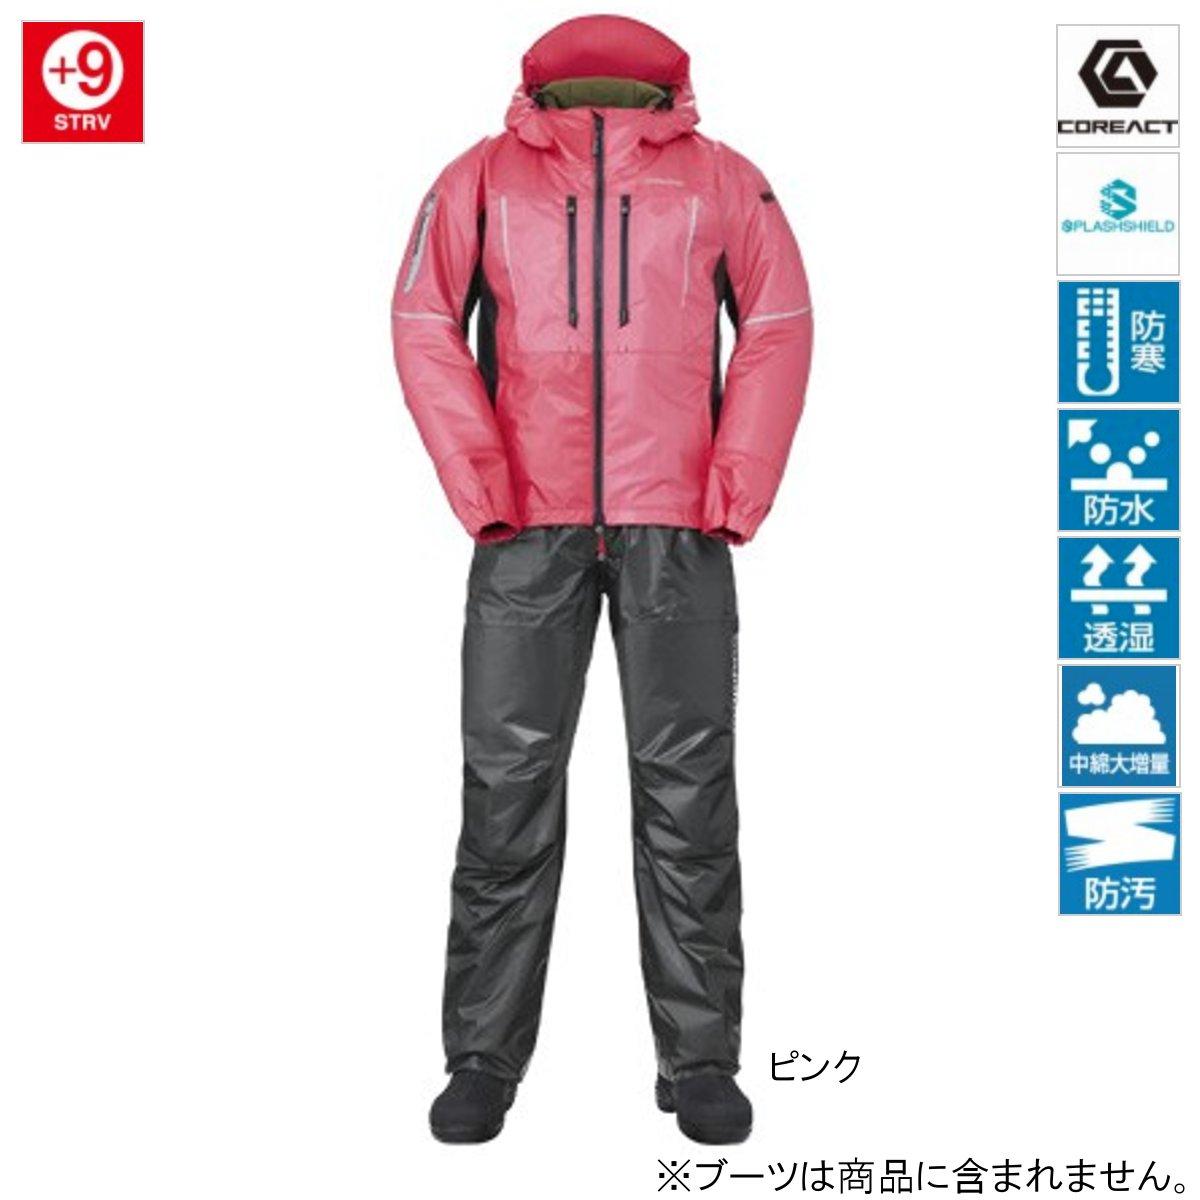 シマノ SS・3Dマリンコールドウェザースーツ RB-033R L ピンク(東日本店)